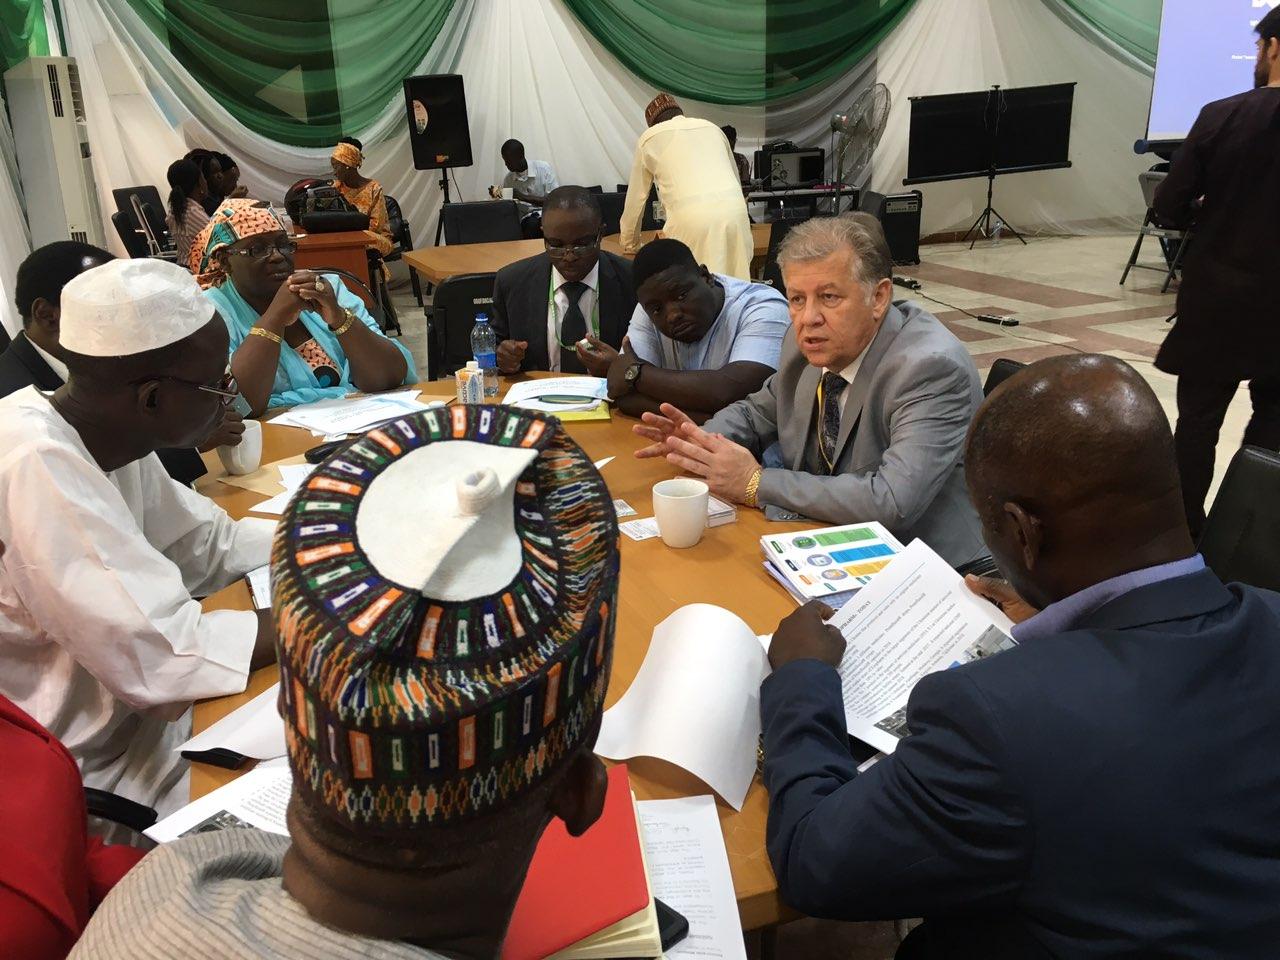 ТОВ «НВК «Екофарм» планує реєструвати лікарські препарати в Ганні та Нігерії